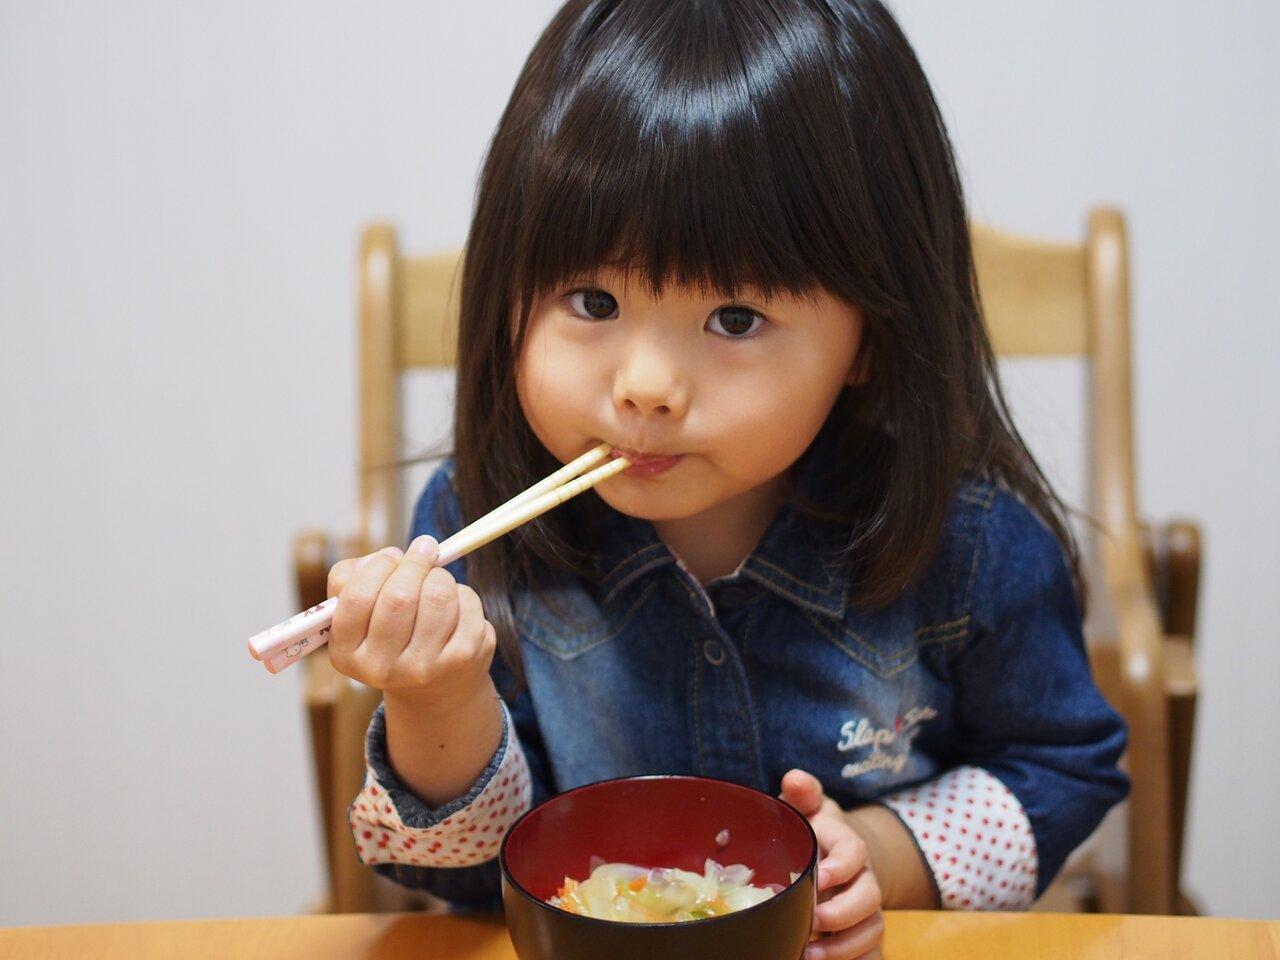 「お箸がうまく持てません」子育て相談 モンテッソーリで考えよう!